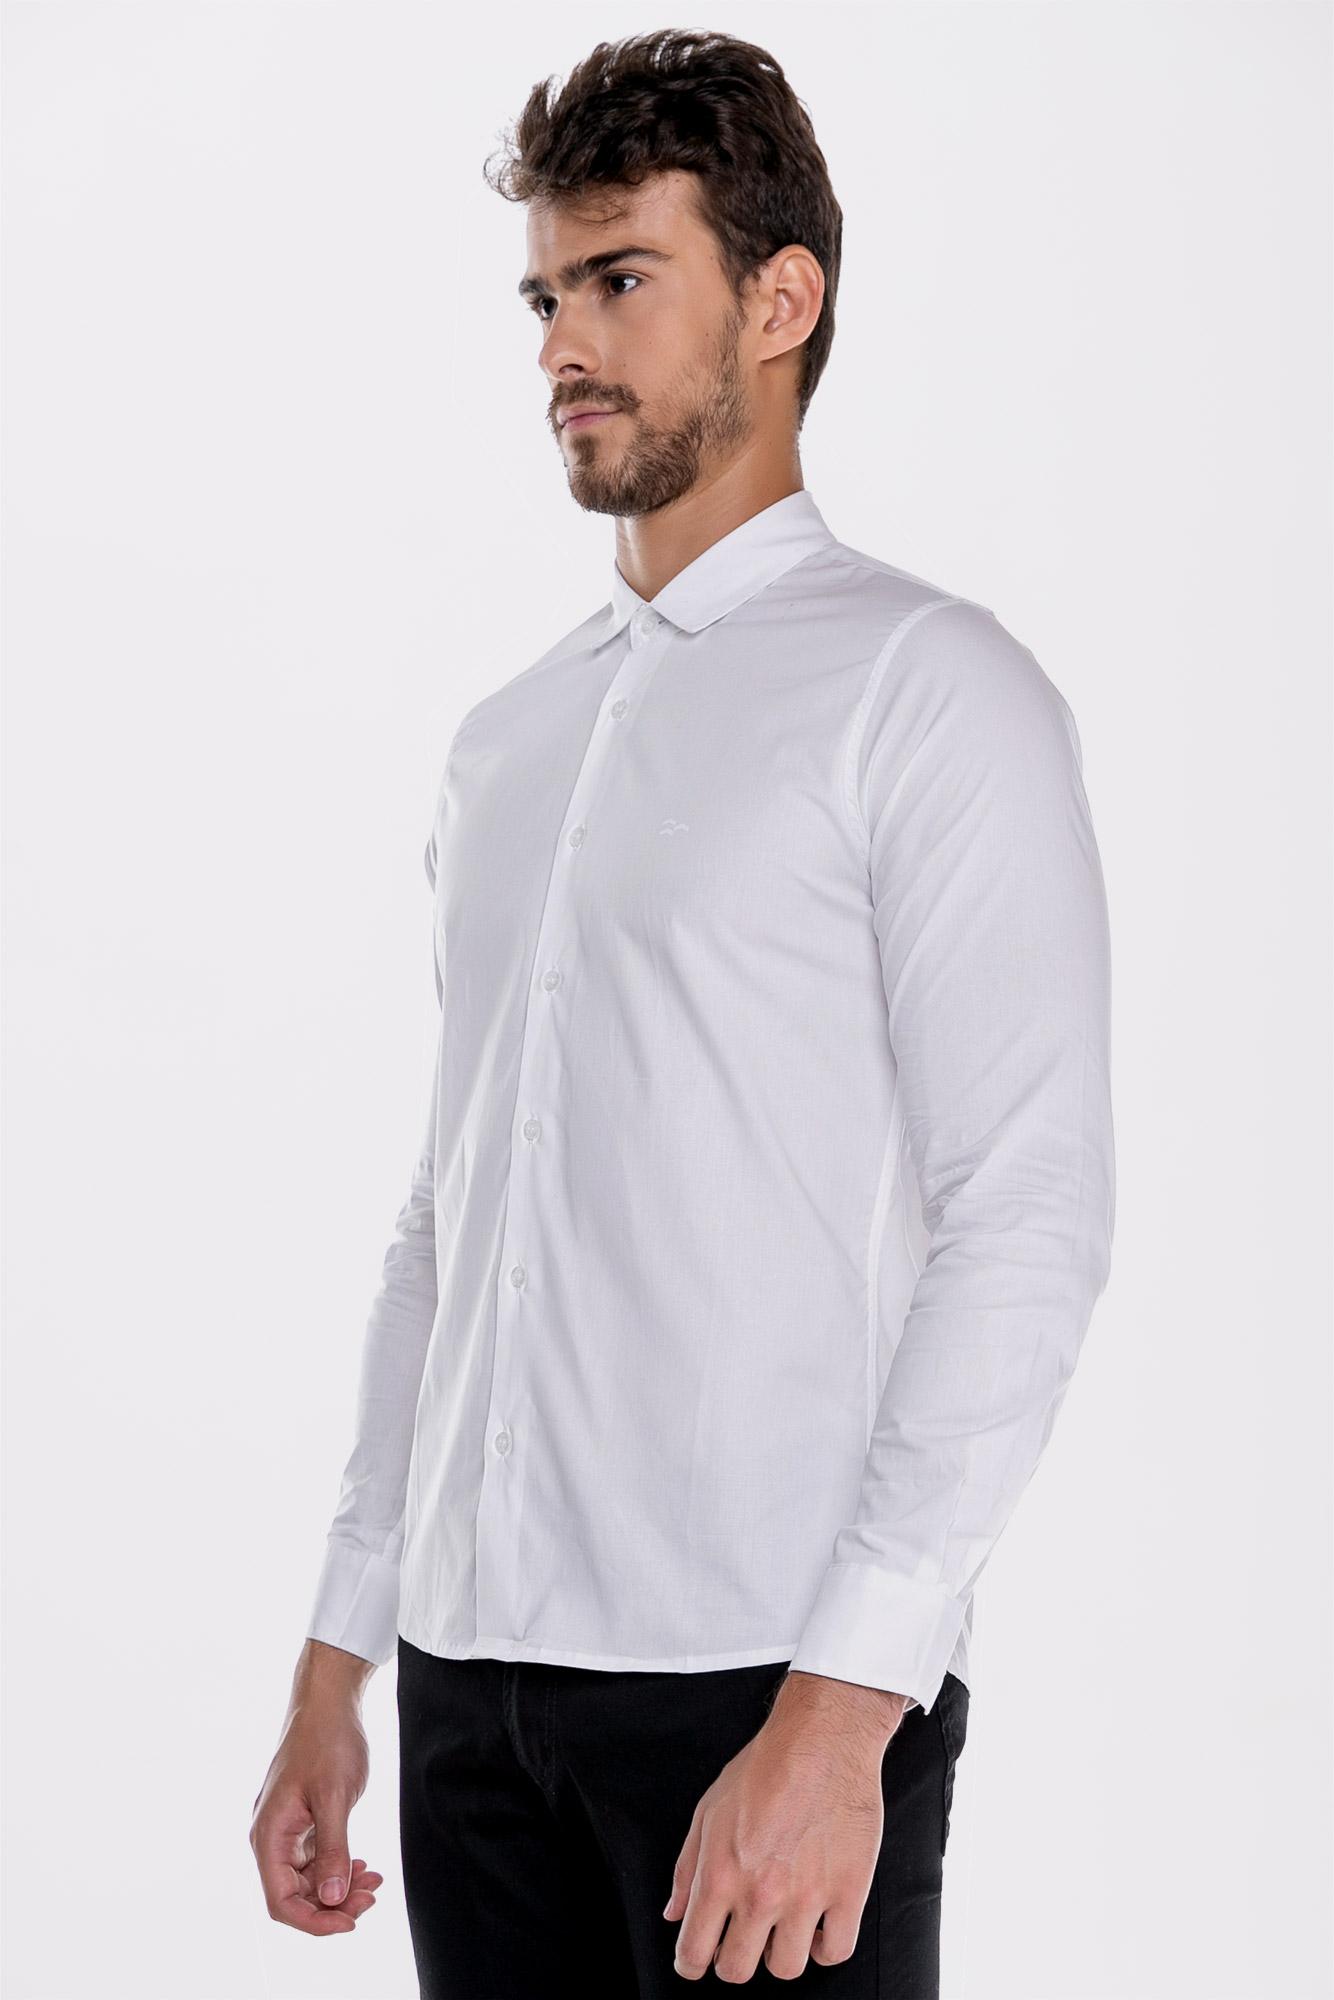 Camisa Social Ml Confort White